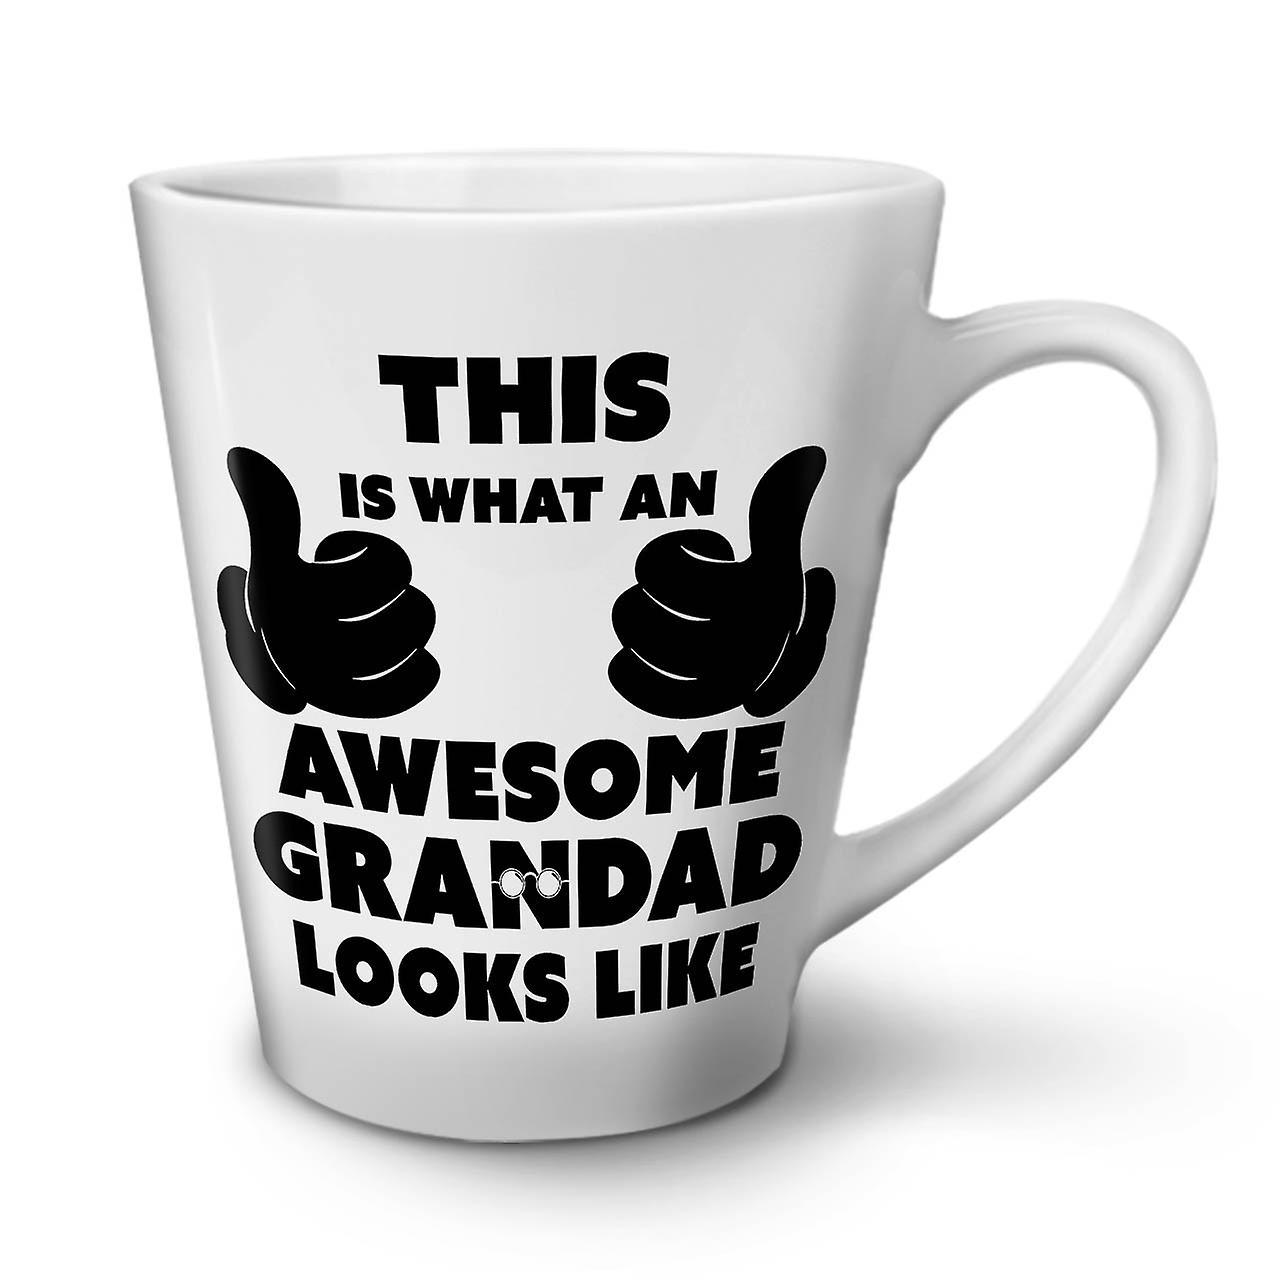 Drôle Nouveau Mug En Blanc OzWellcoda Thé Café Latte Super Papi Céramique 12 0knPwN8OXZ